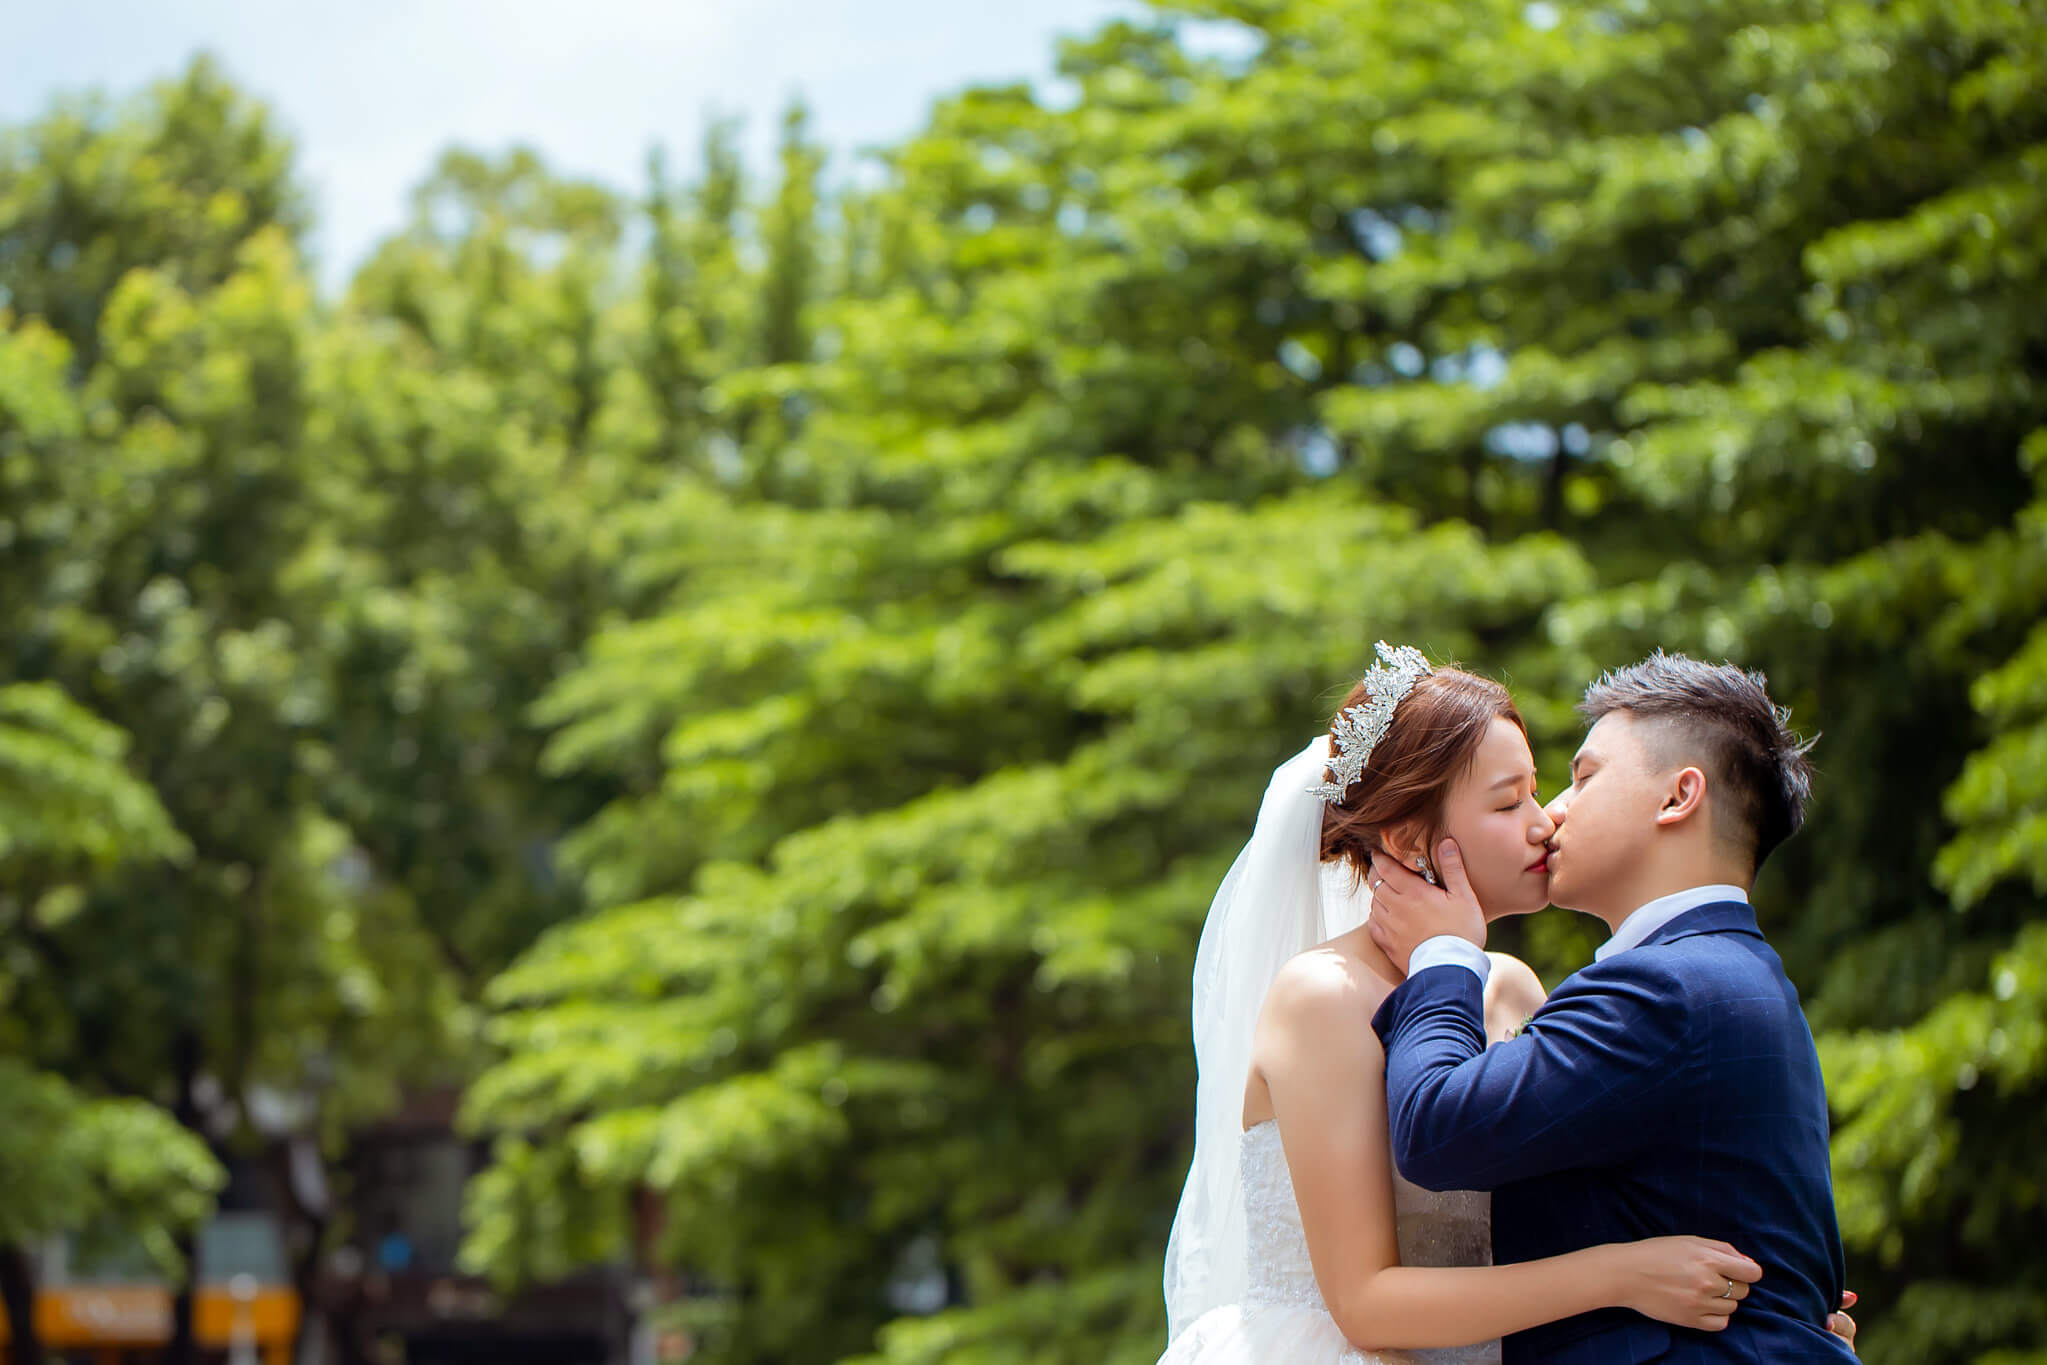 婚禮攝影,台北婚攝,晶華婚攝,晶華婚宴攝影,婚攝推薦,婚攝ptt推薦,婚攝作品,婚攝價格,臉紅紅婚攝,晶華酒店婚禮